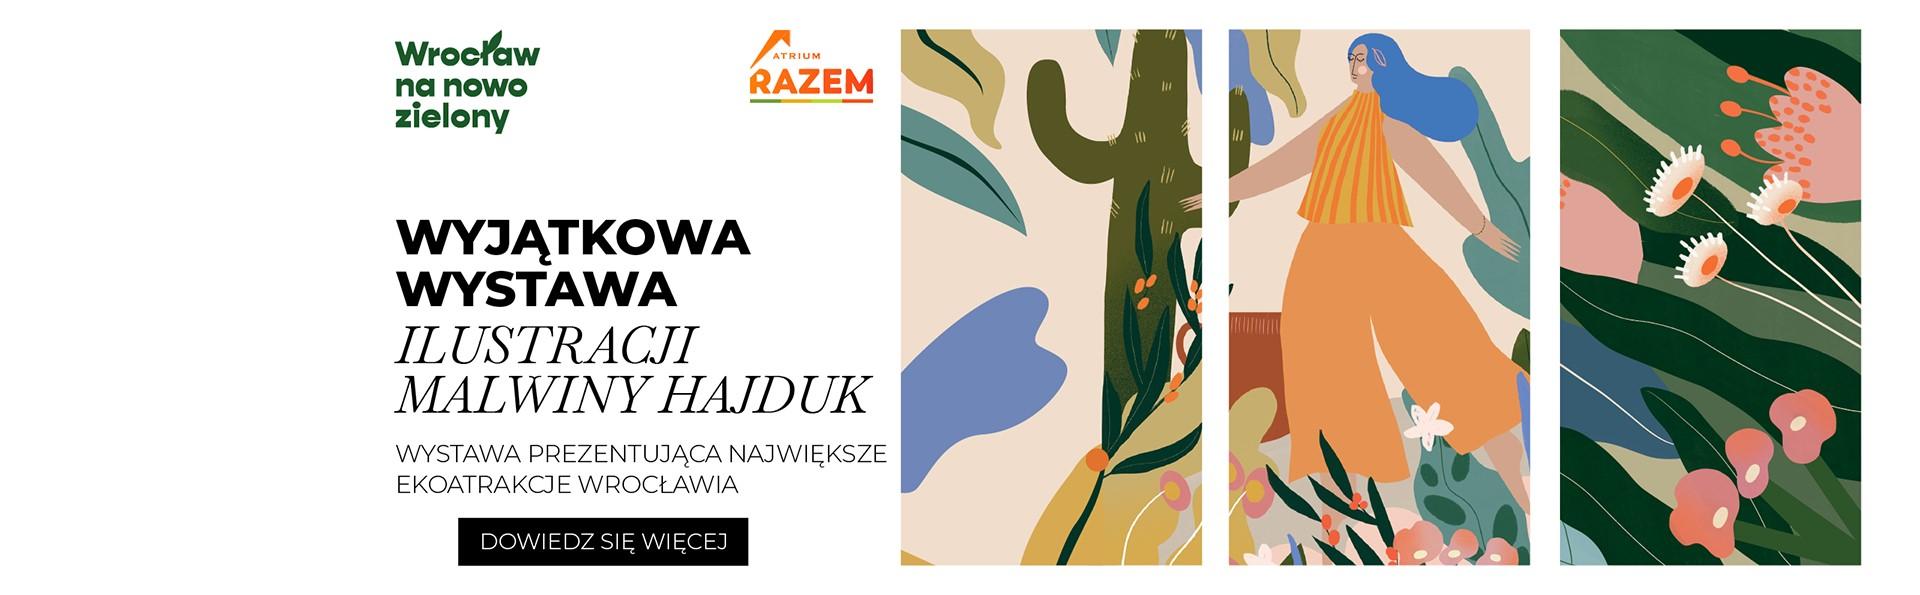 Wystawa ilustracji Malwiny Hajduk